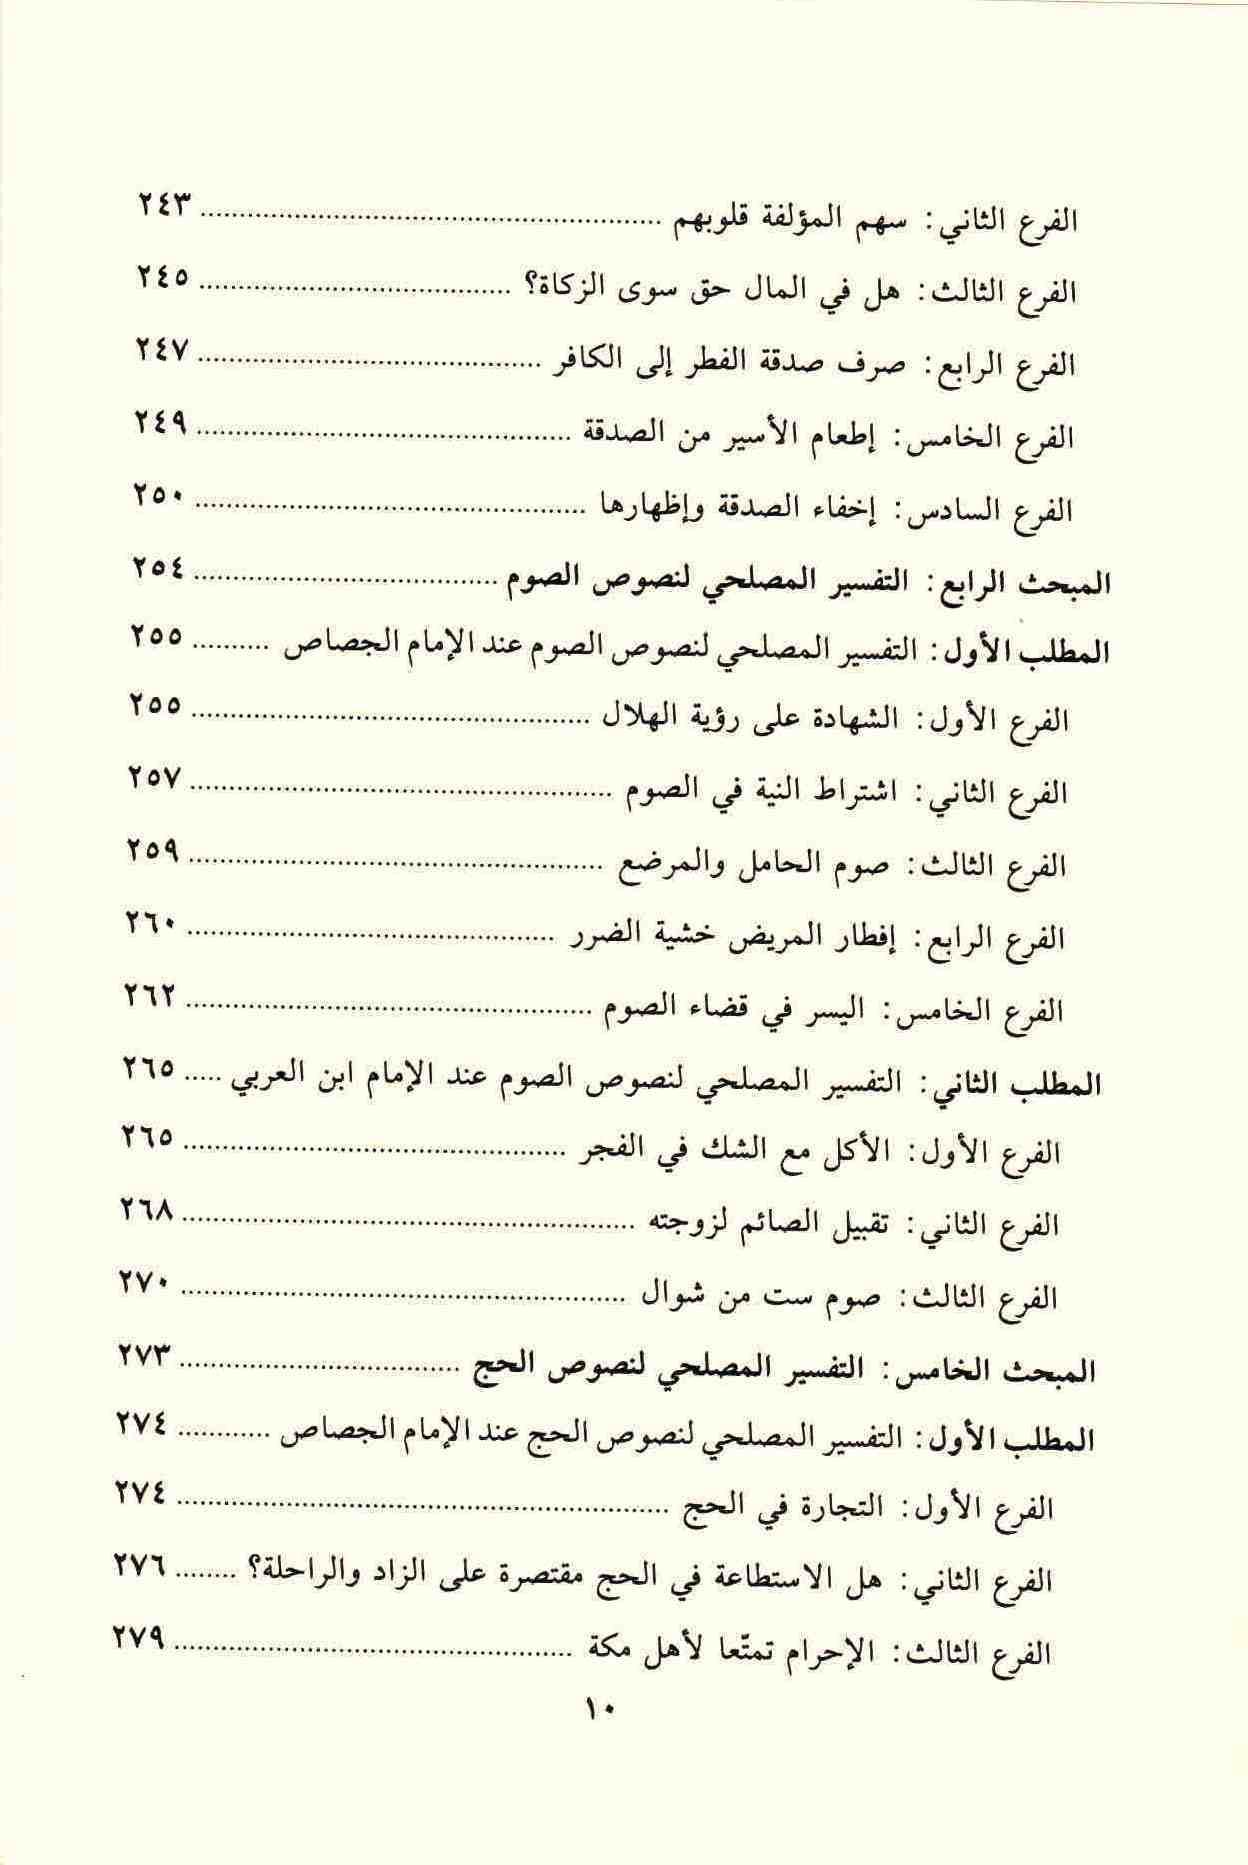 ص10محتويات كتاب التفسير المصلحي